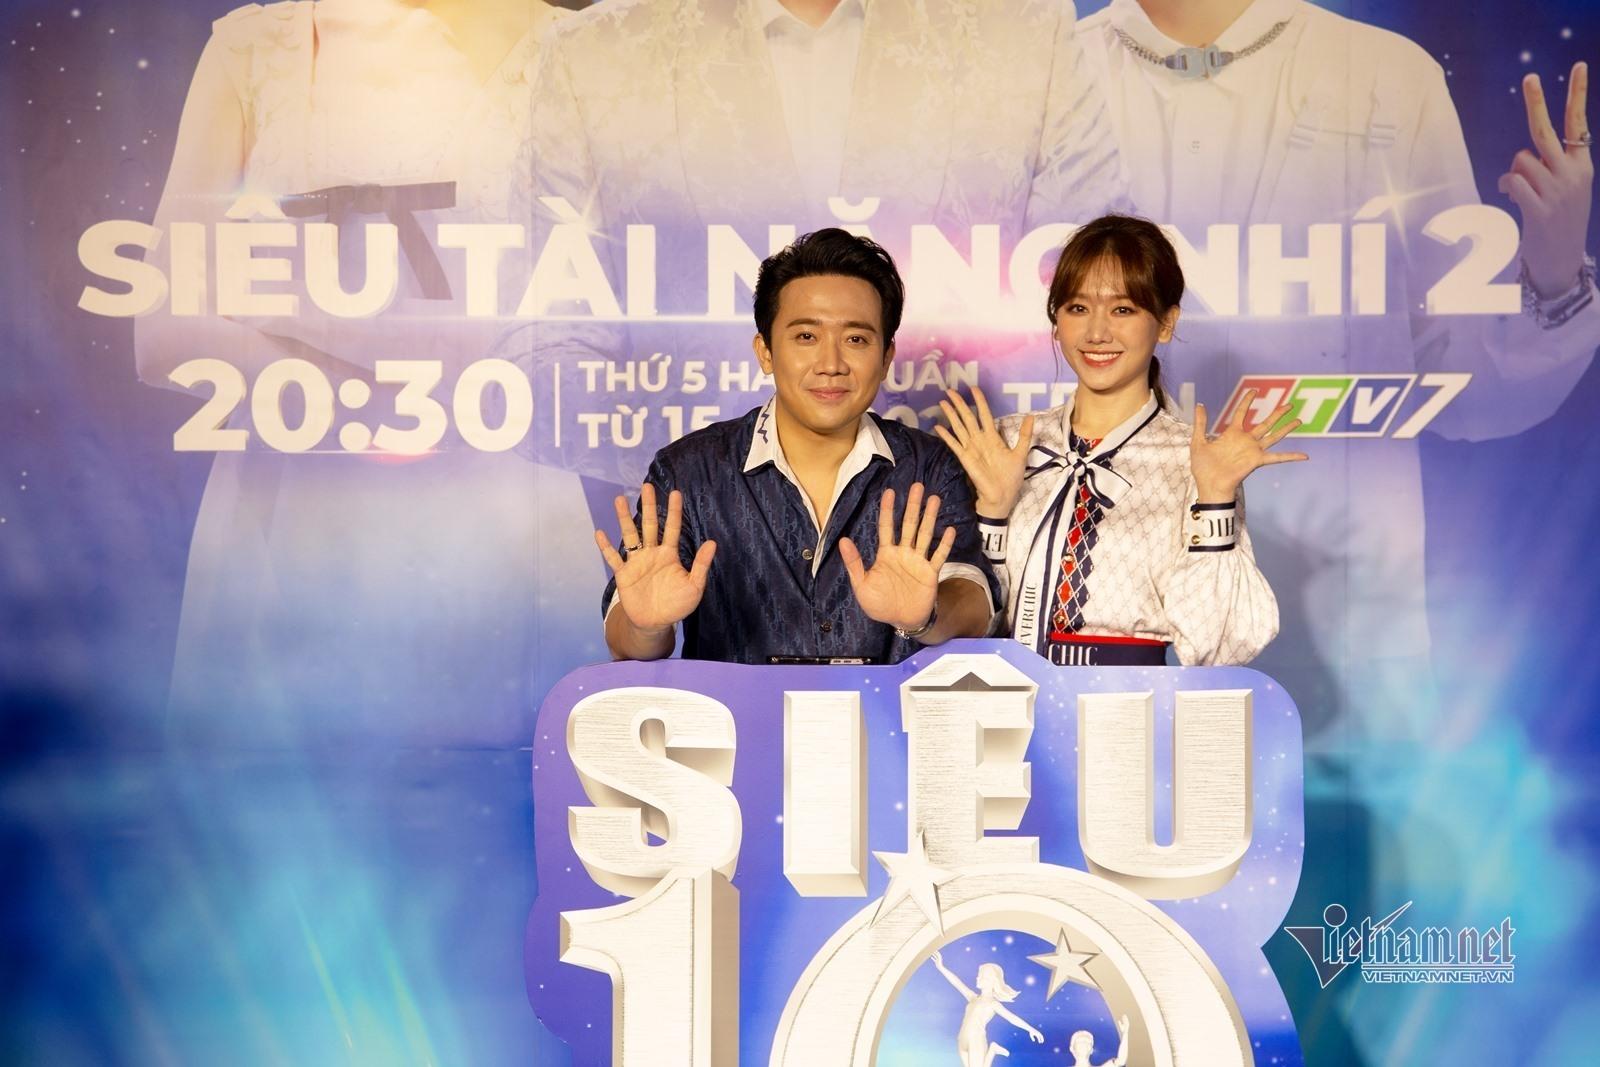 Trấn Thành, Hari Won: 'Chúng tôi muốn con mình nhanh trí, nhân hậu'